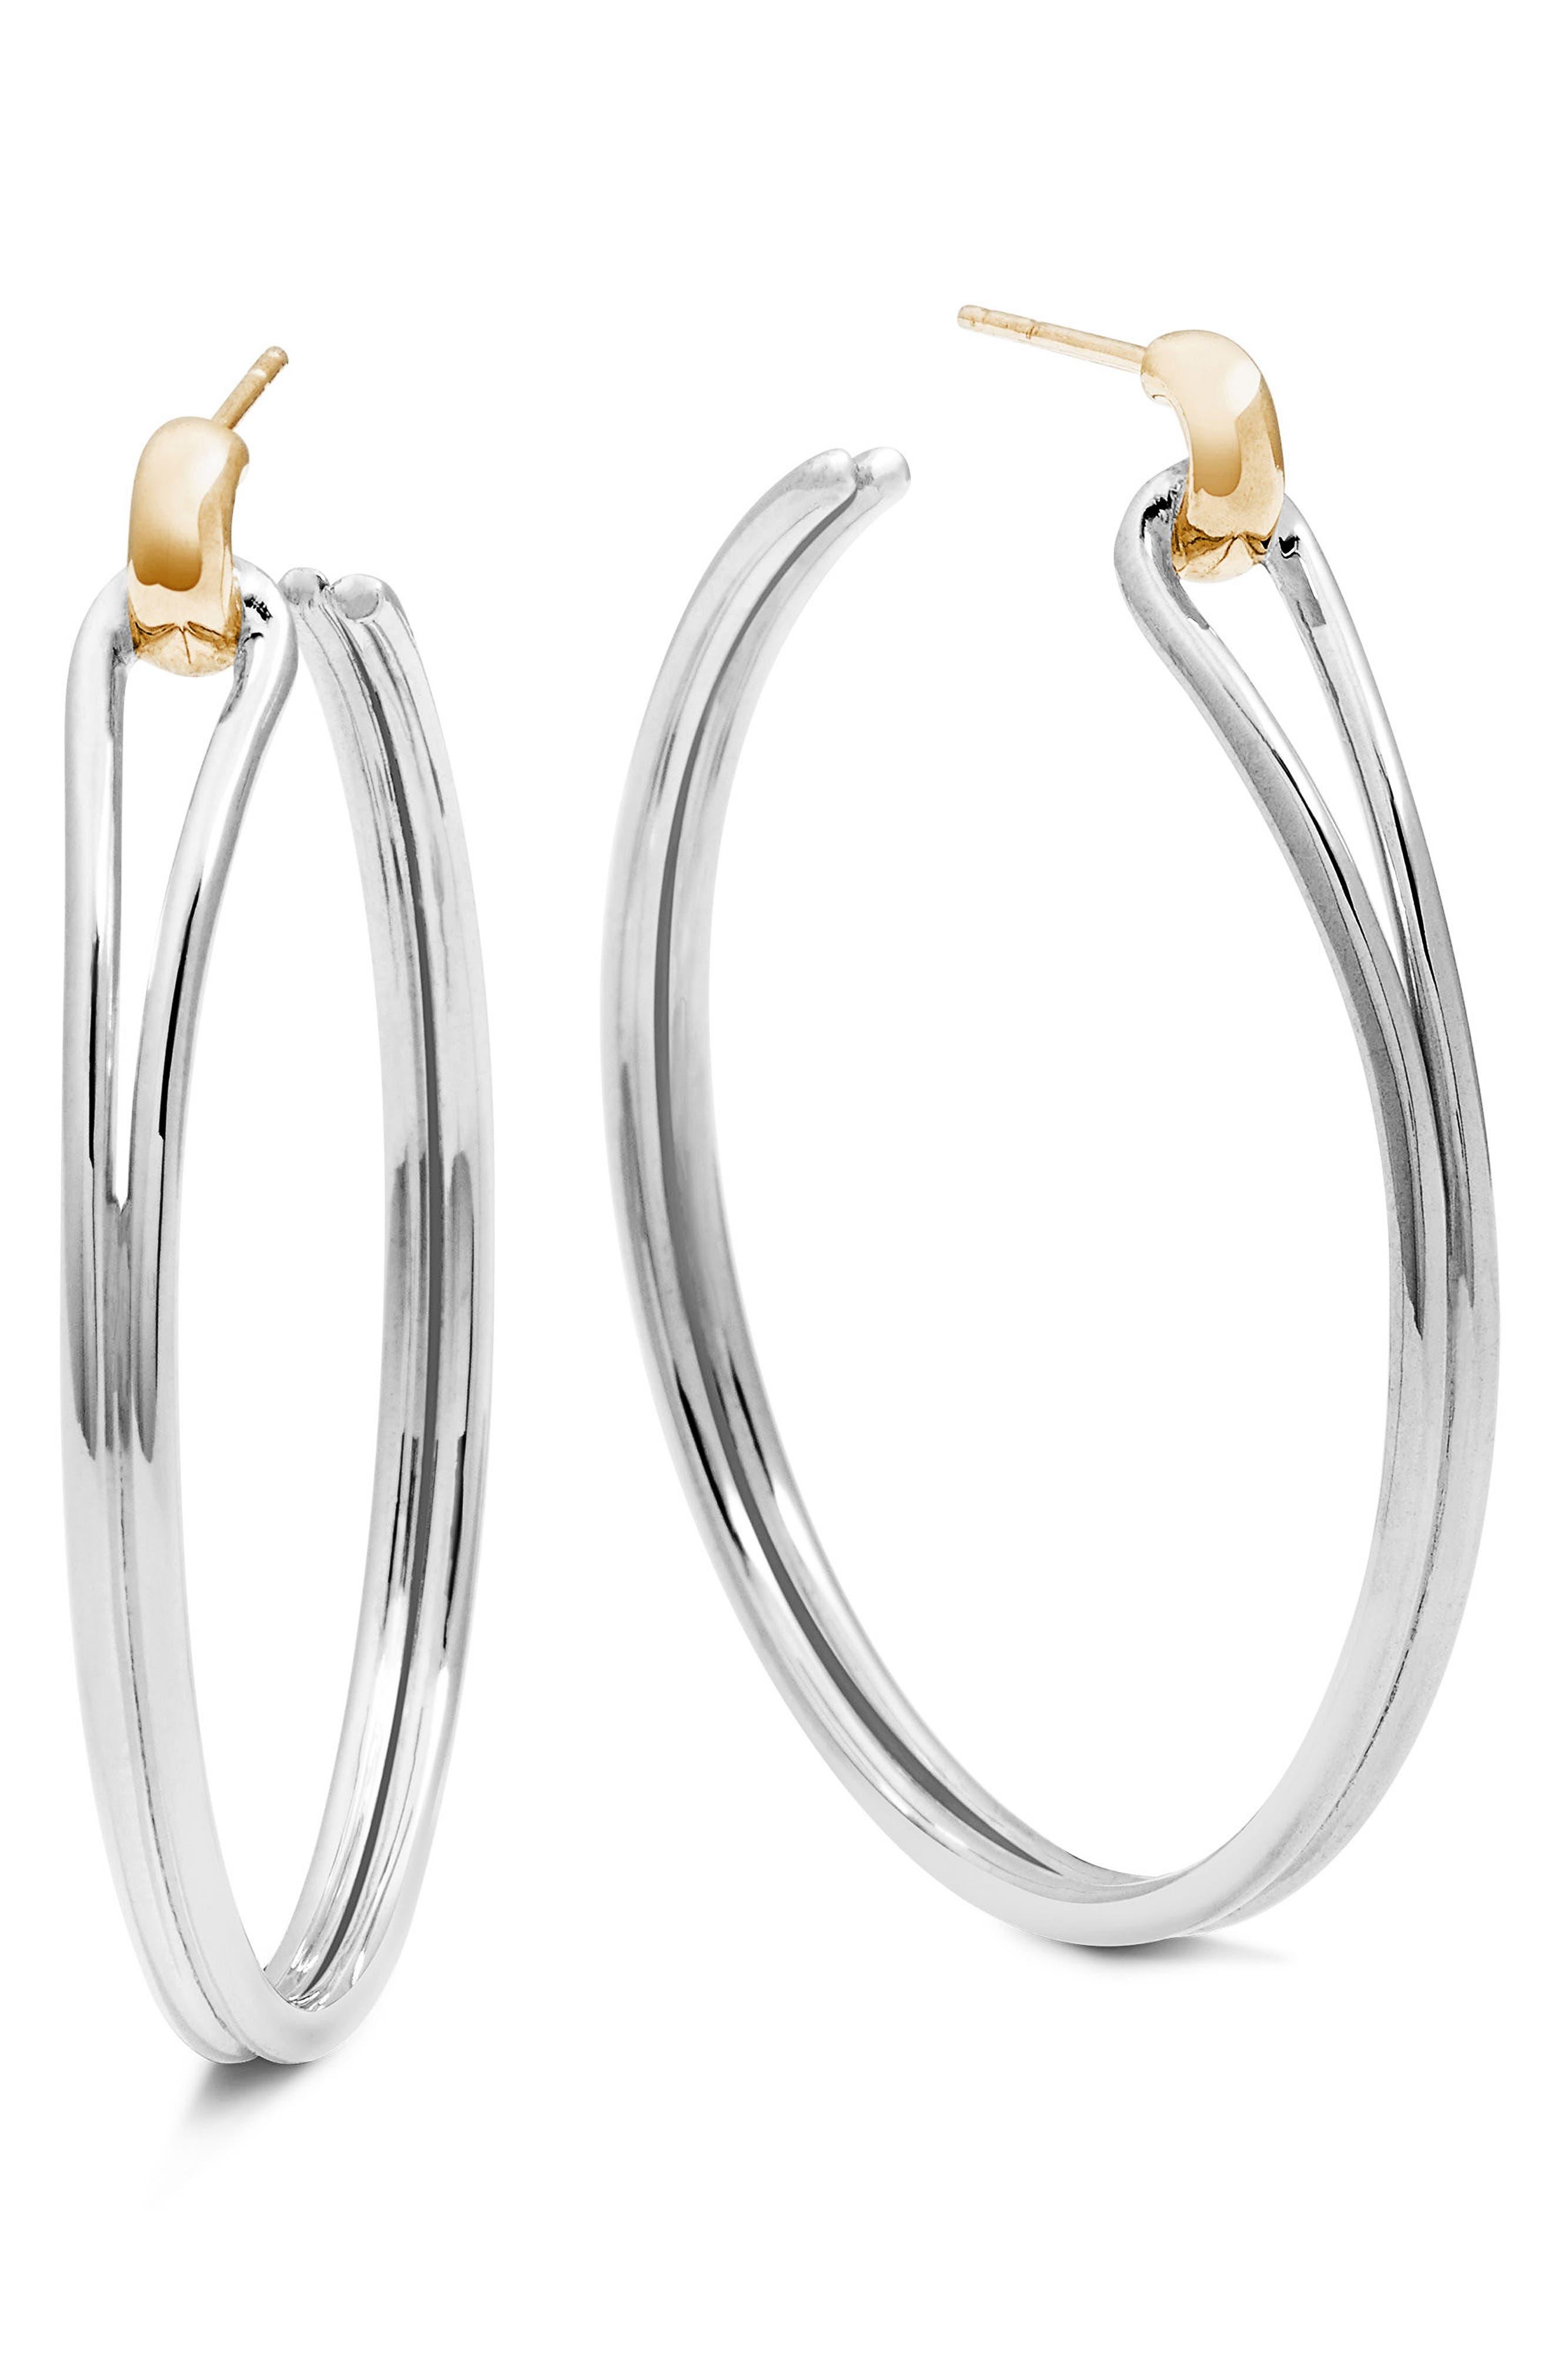 Main Image - Shinola Lug Hoop Earrings